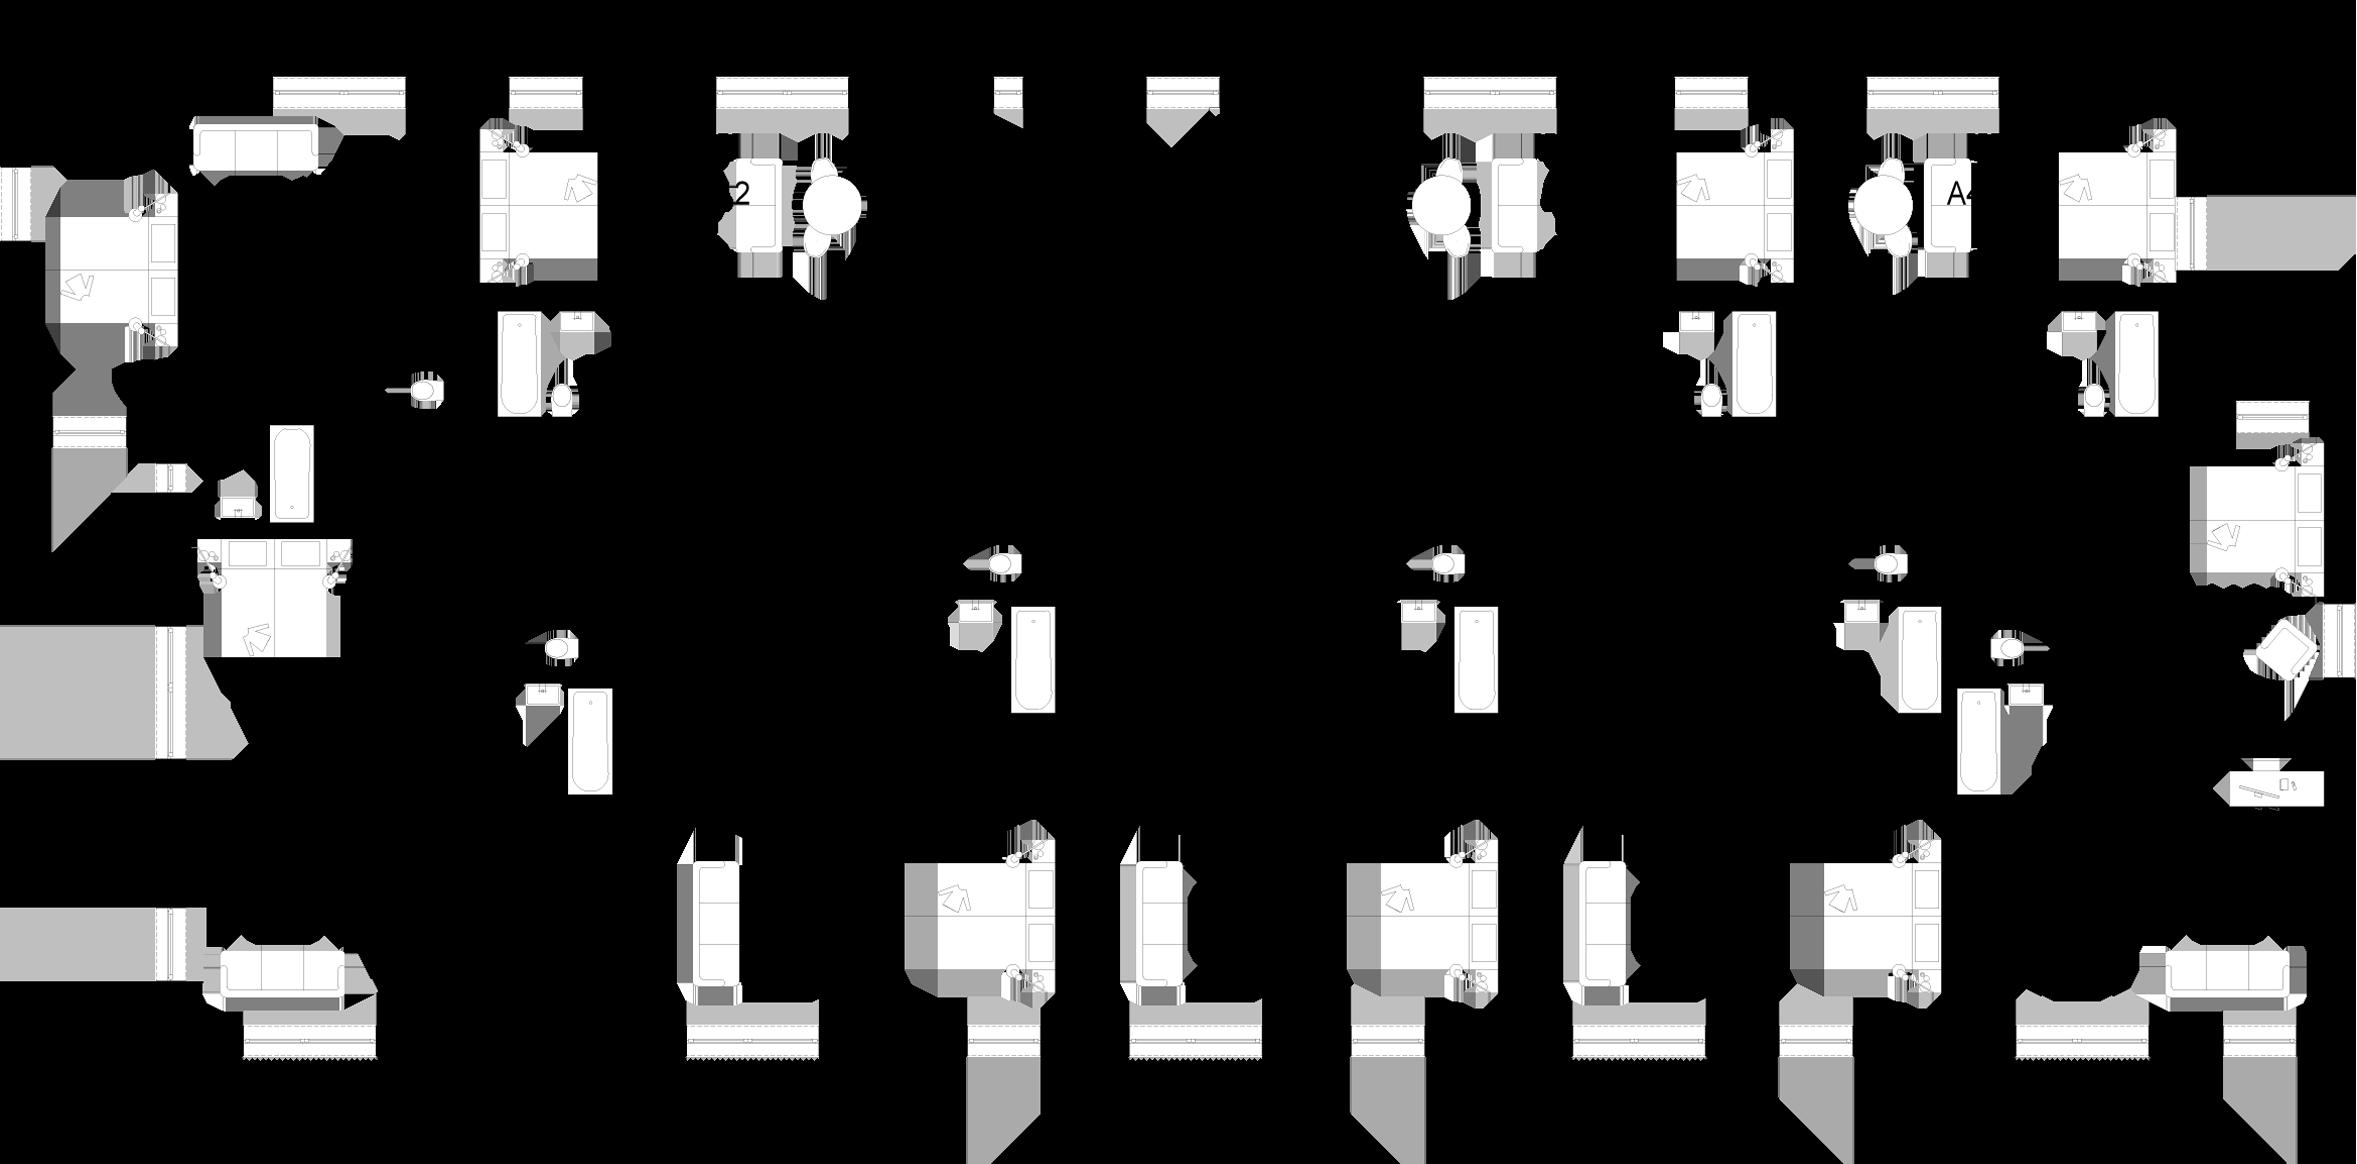 SO-01.A4 – 3. NP